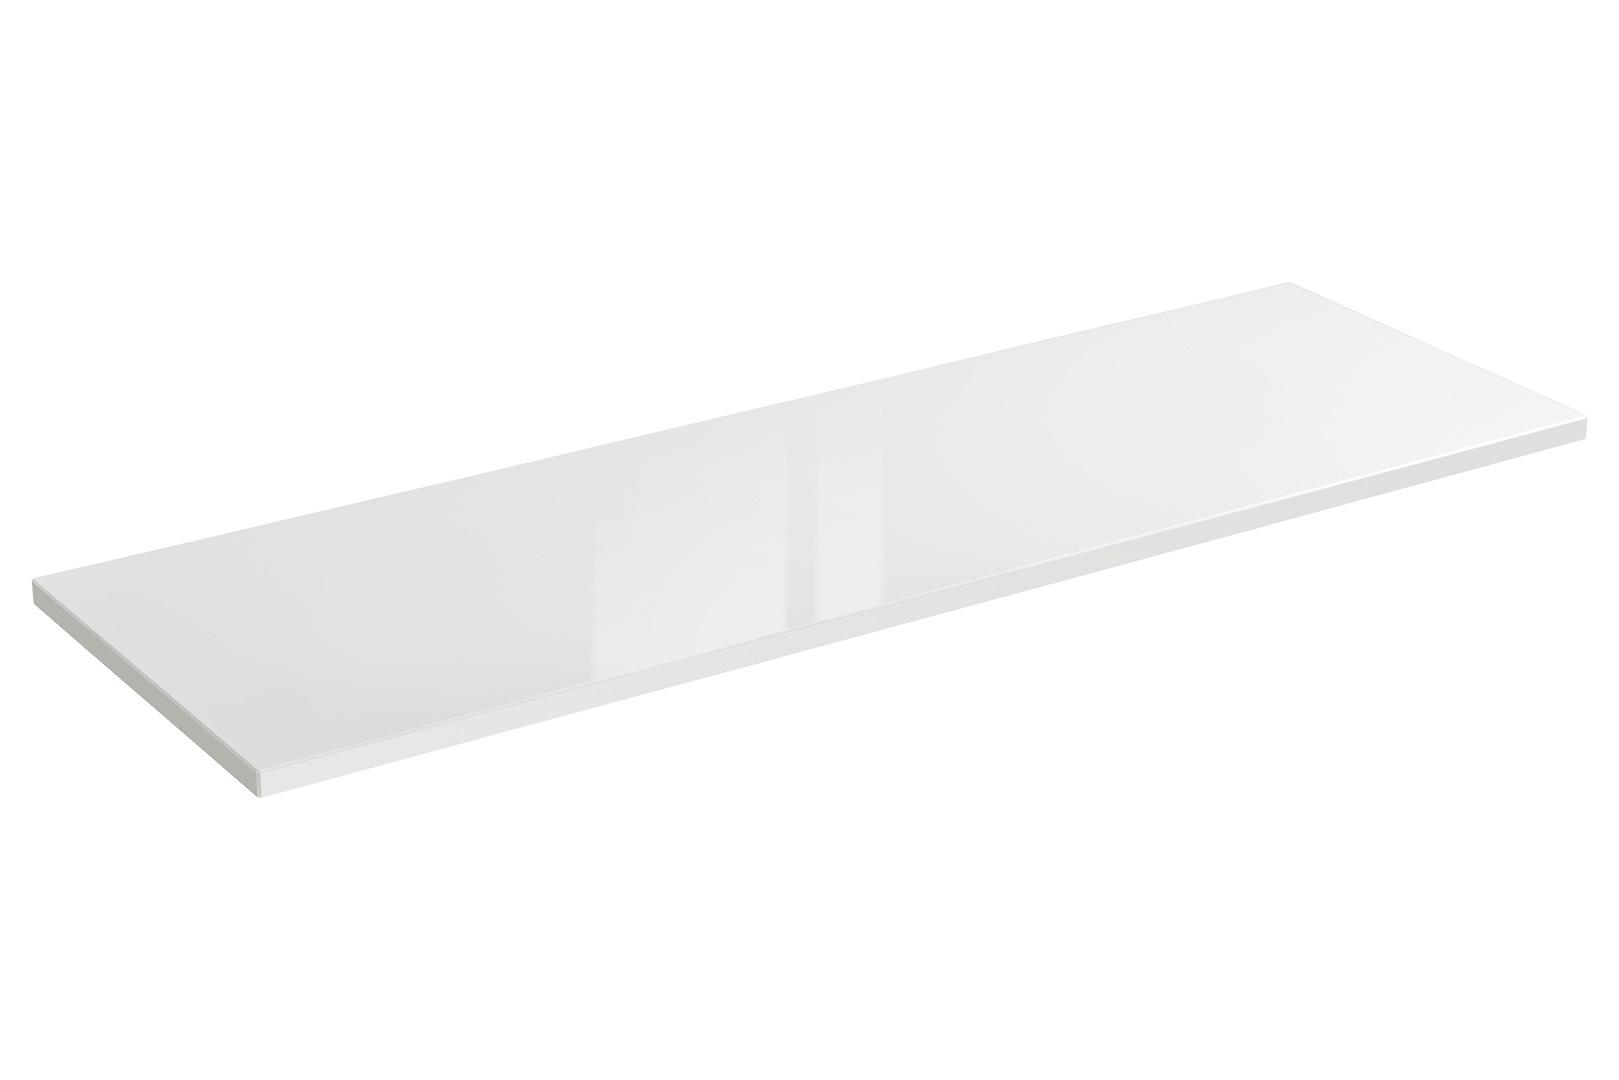 ArtCom Doska pod umývadlo Capri / biela Capri   biela: Doska pod umývadlo 893 - 140 cm